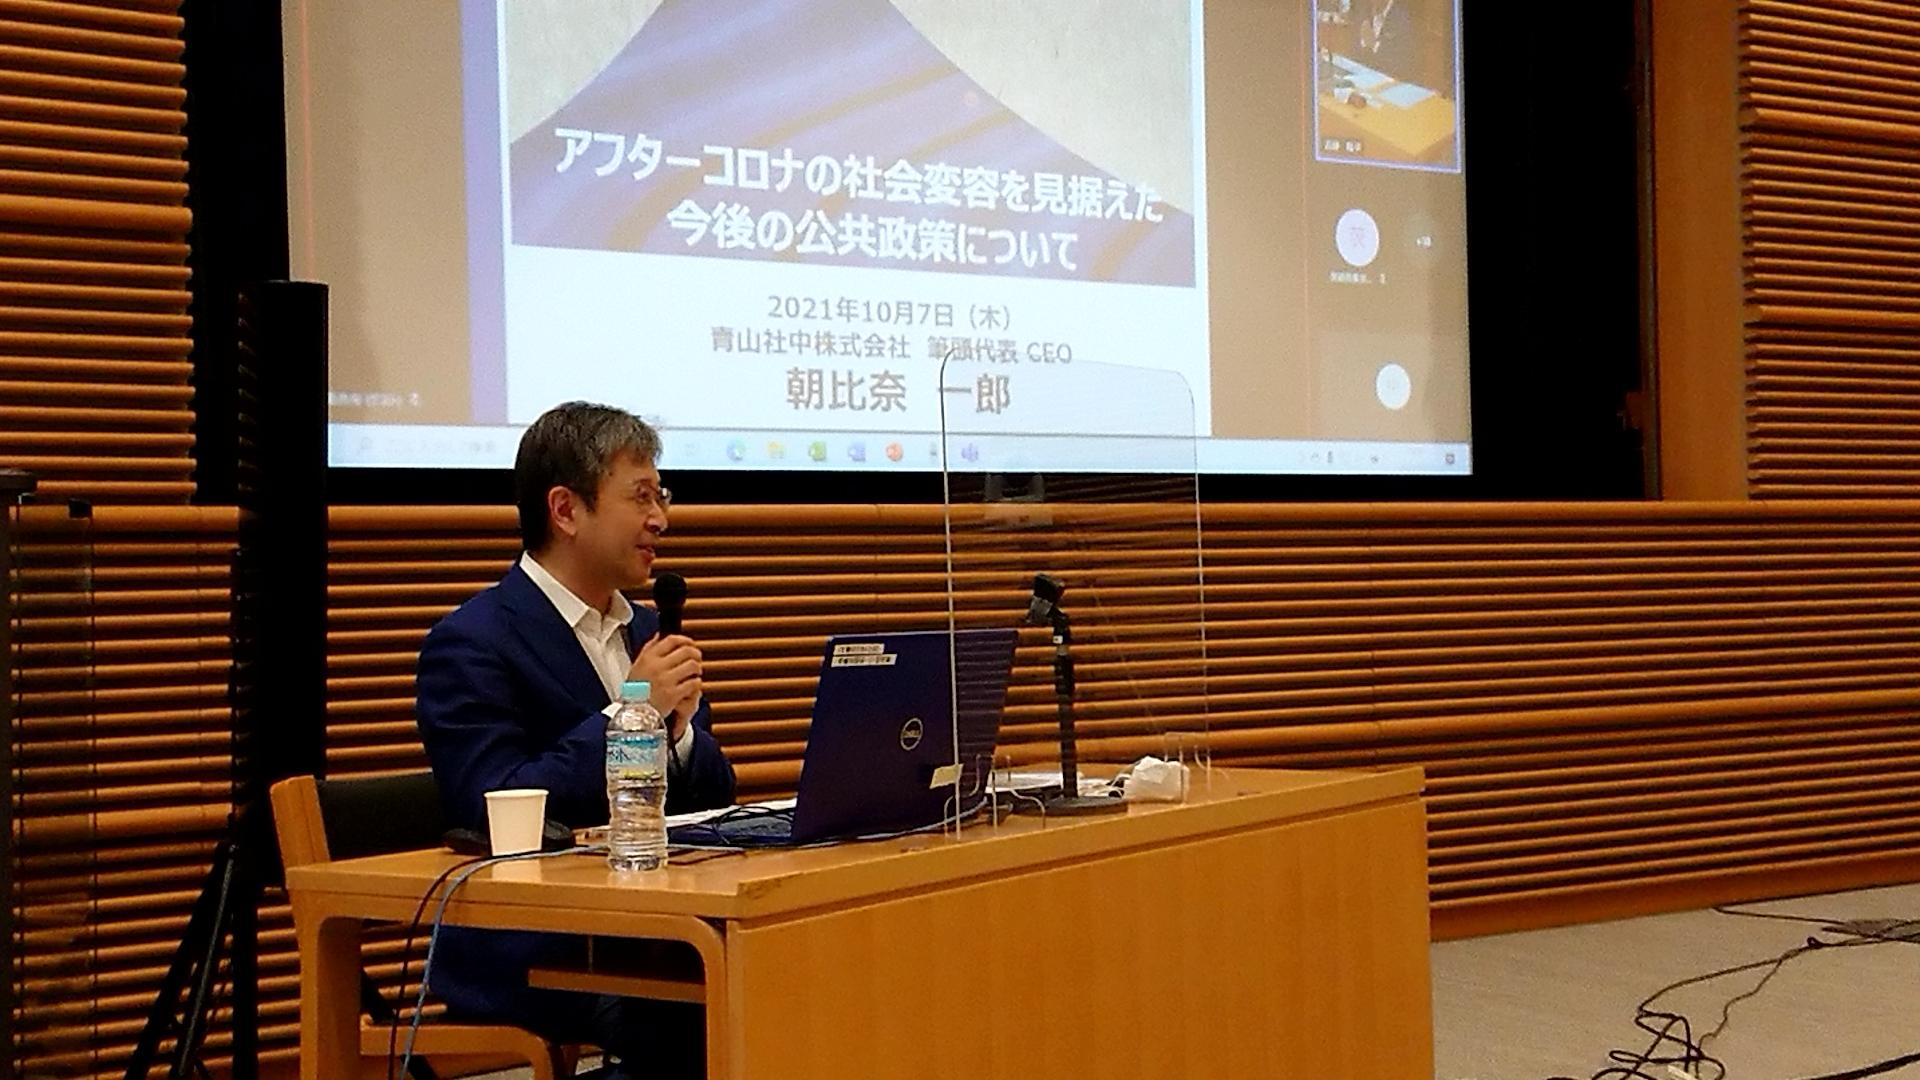 朝比奈が全国東京事務所長会にて講演